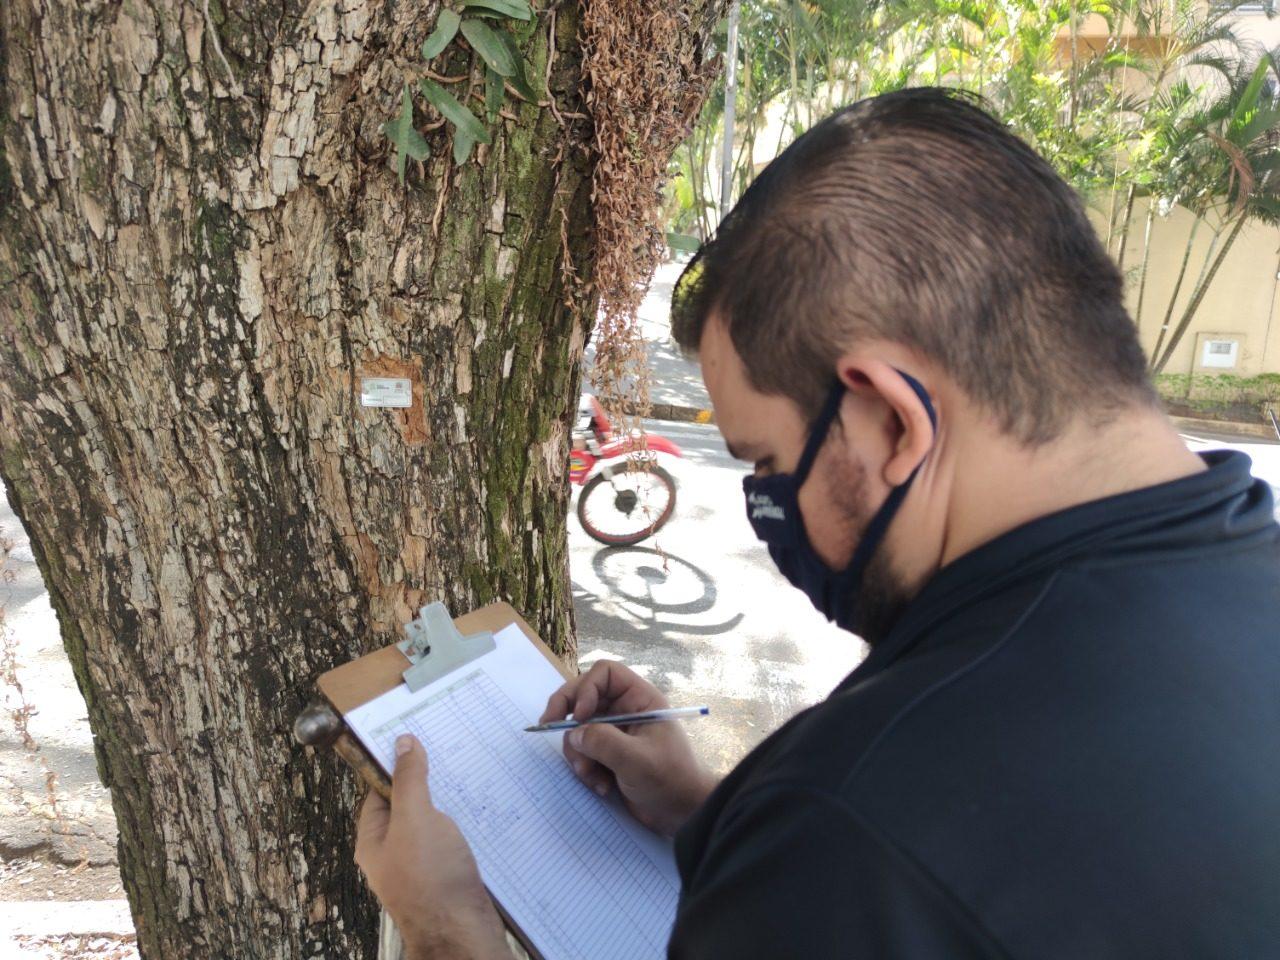 Funcionário de empresa terceirizada da Prefeitura de Jundiaí cataloga árvore que, em breve, passará por avaliação técnica